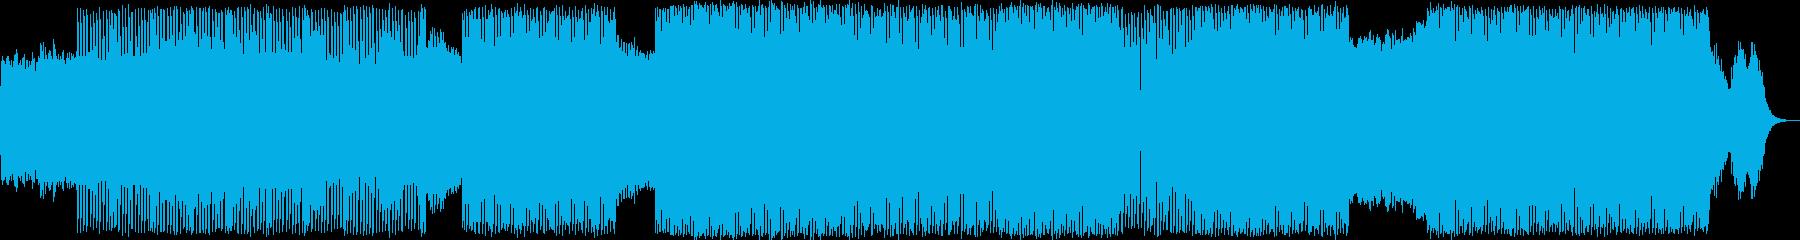 いえ 技術的な 楽しげ adver...の再生済みの波形